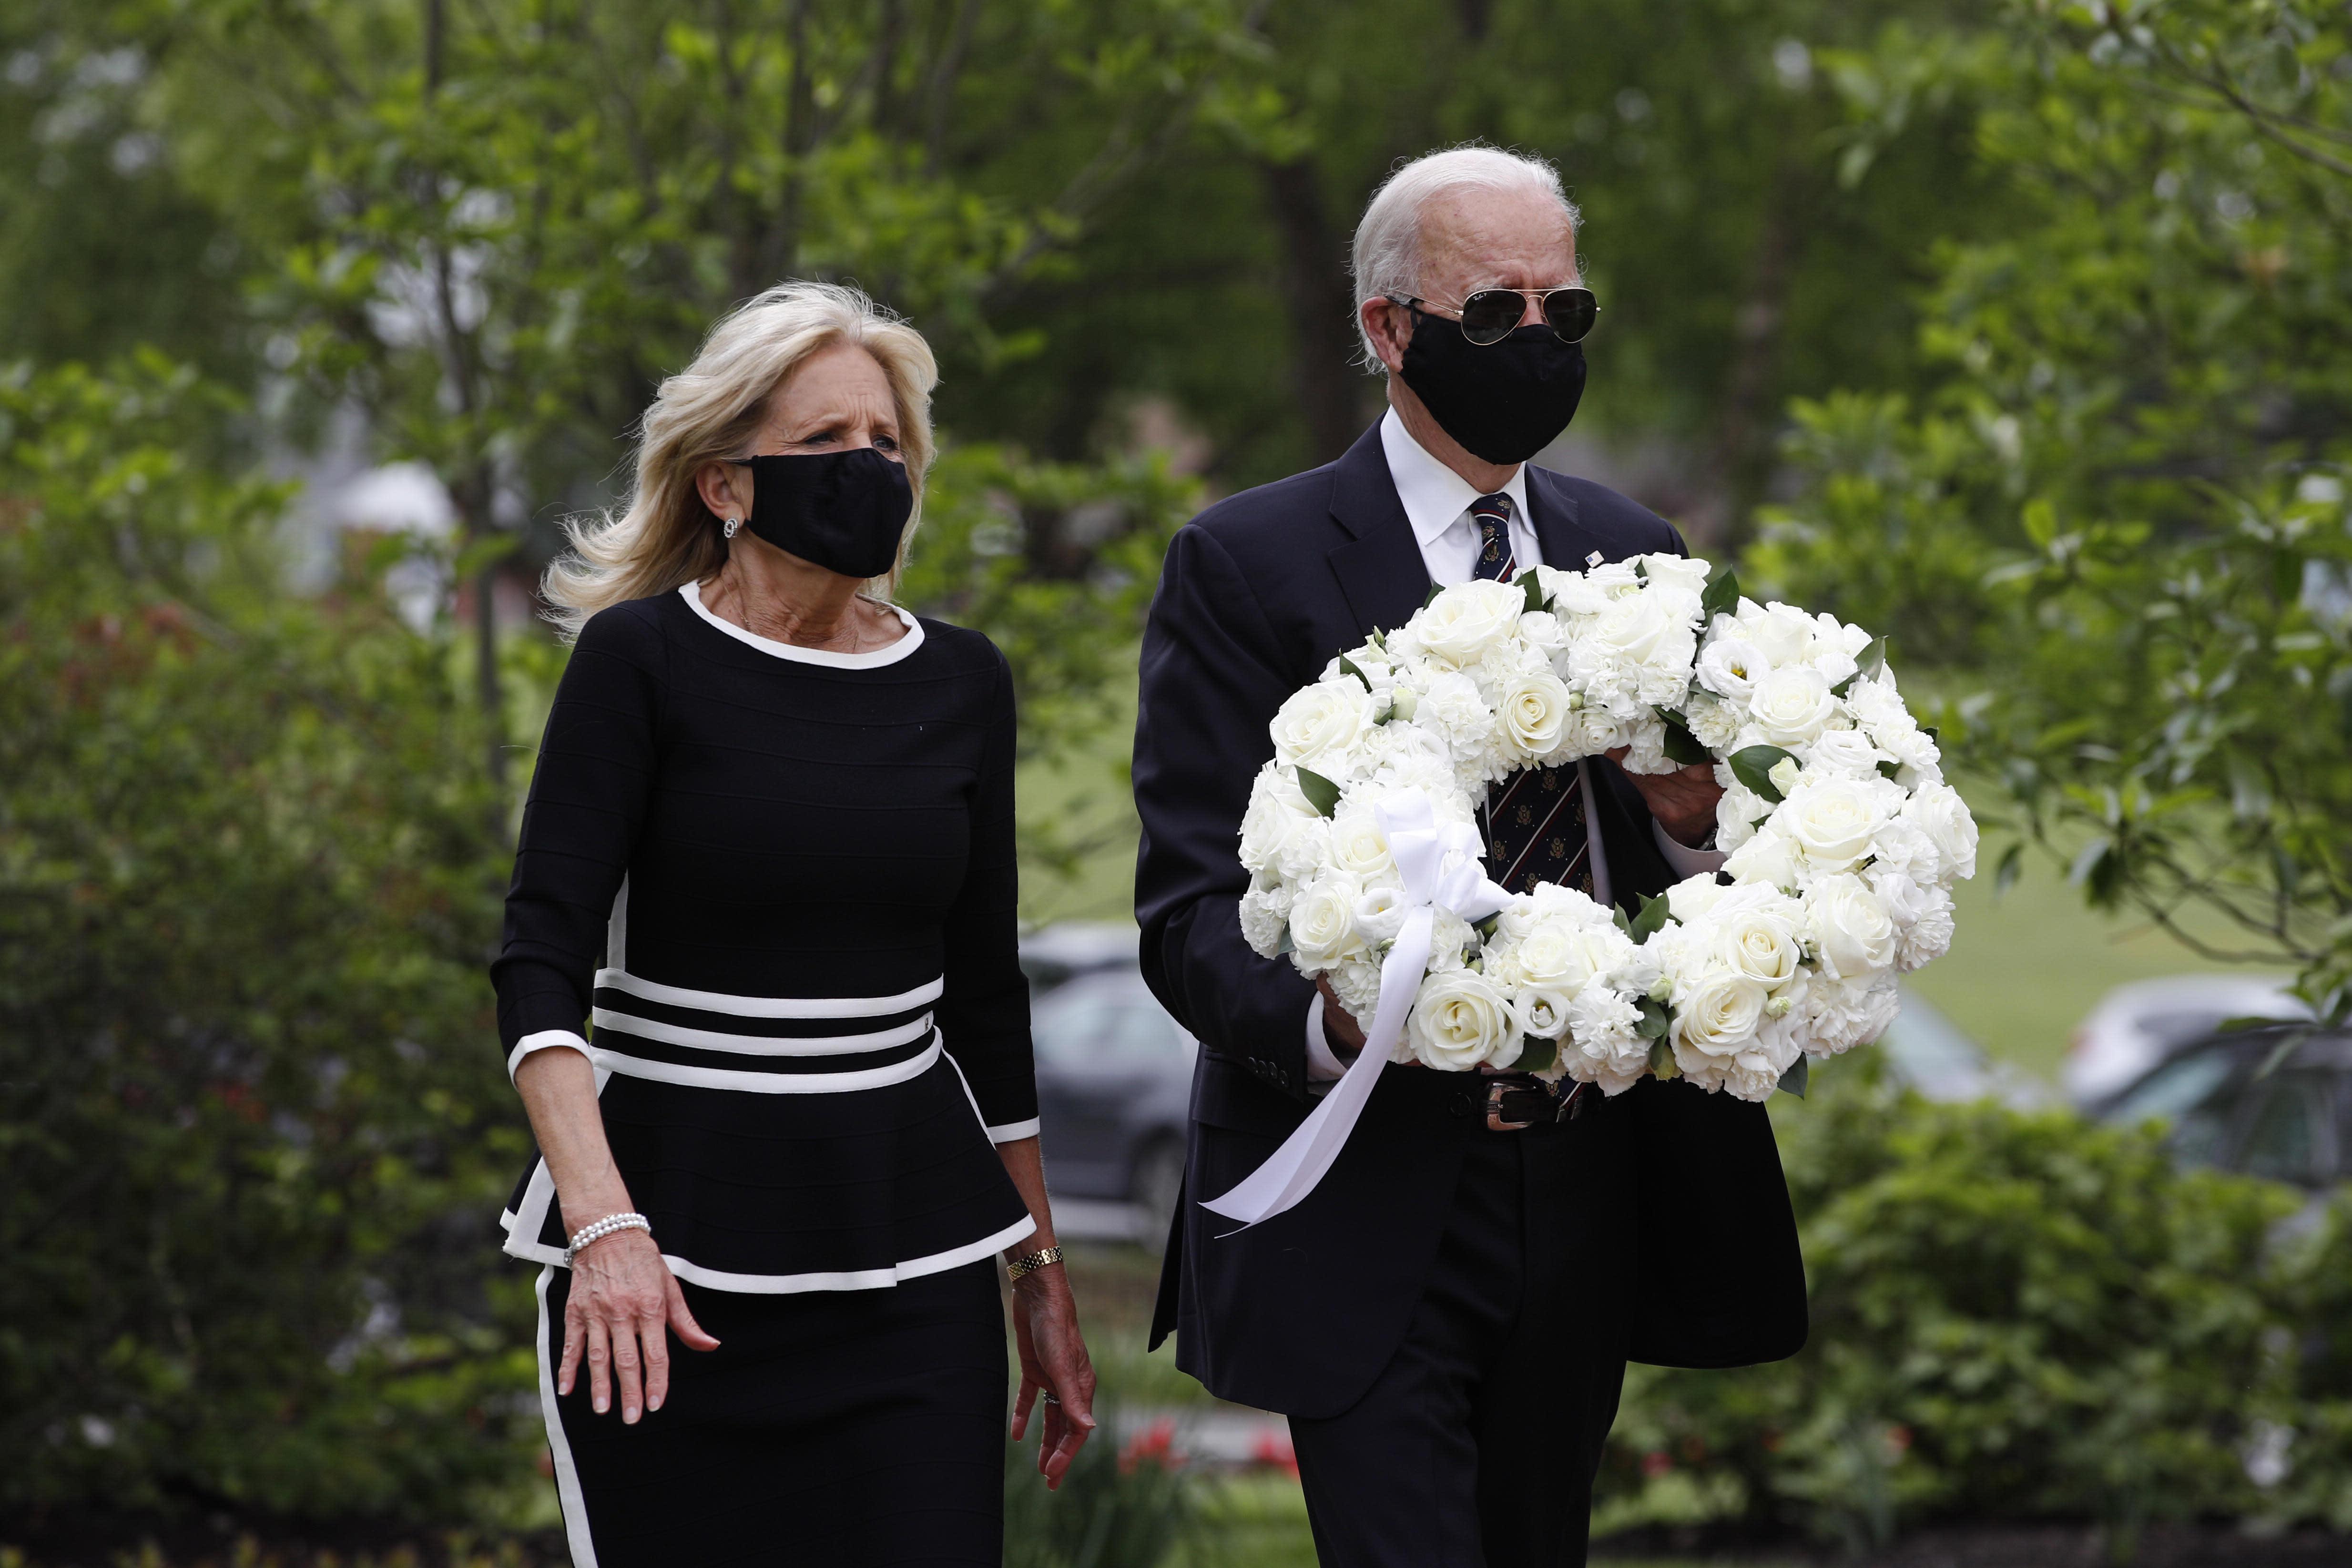 Trump on Twitter mocks Biden for wearing a face mask